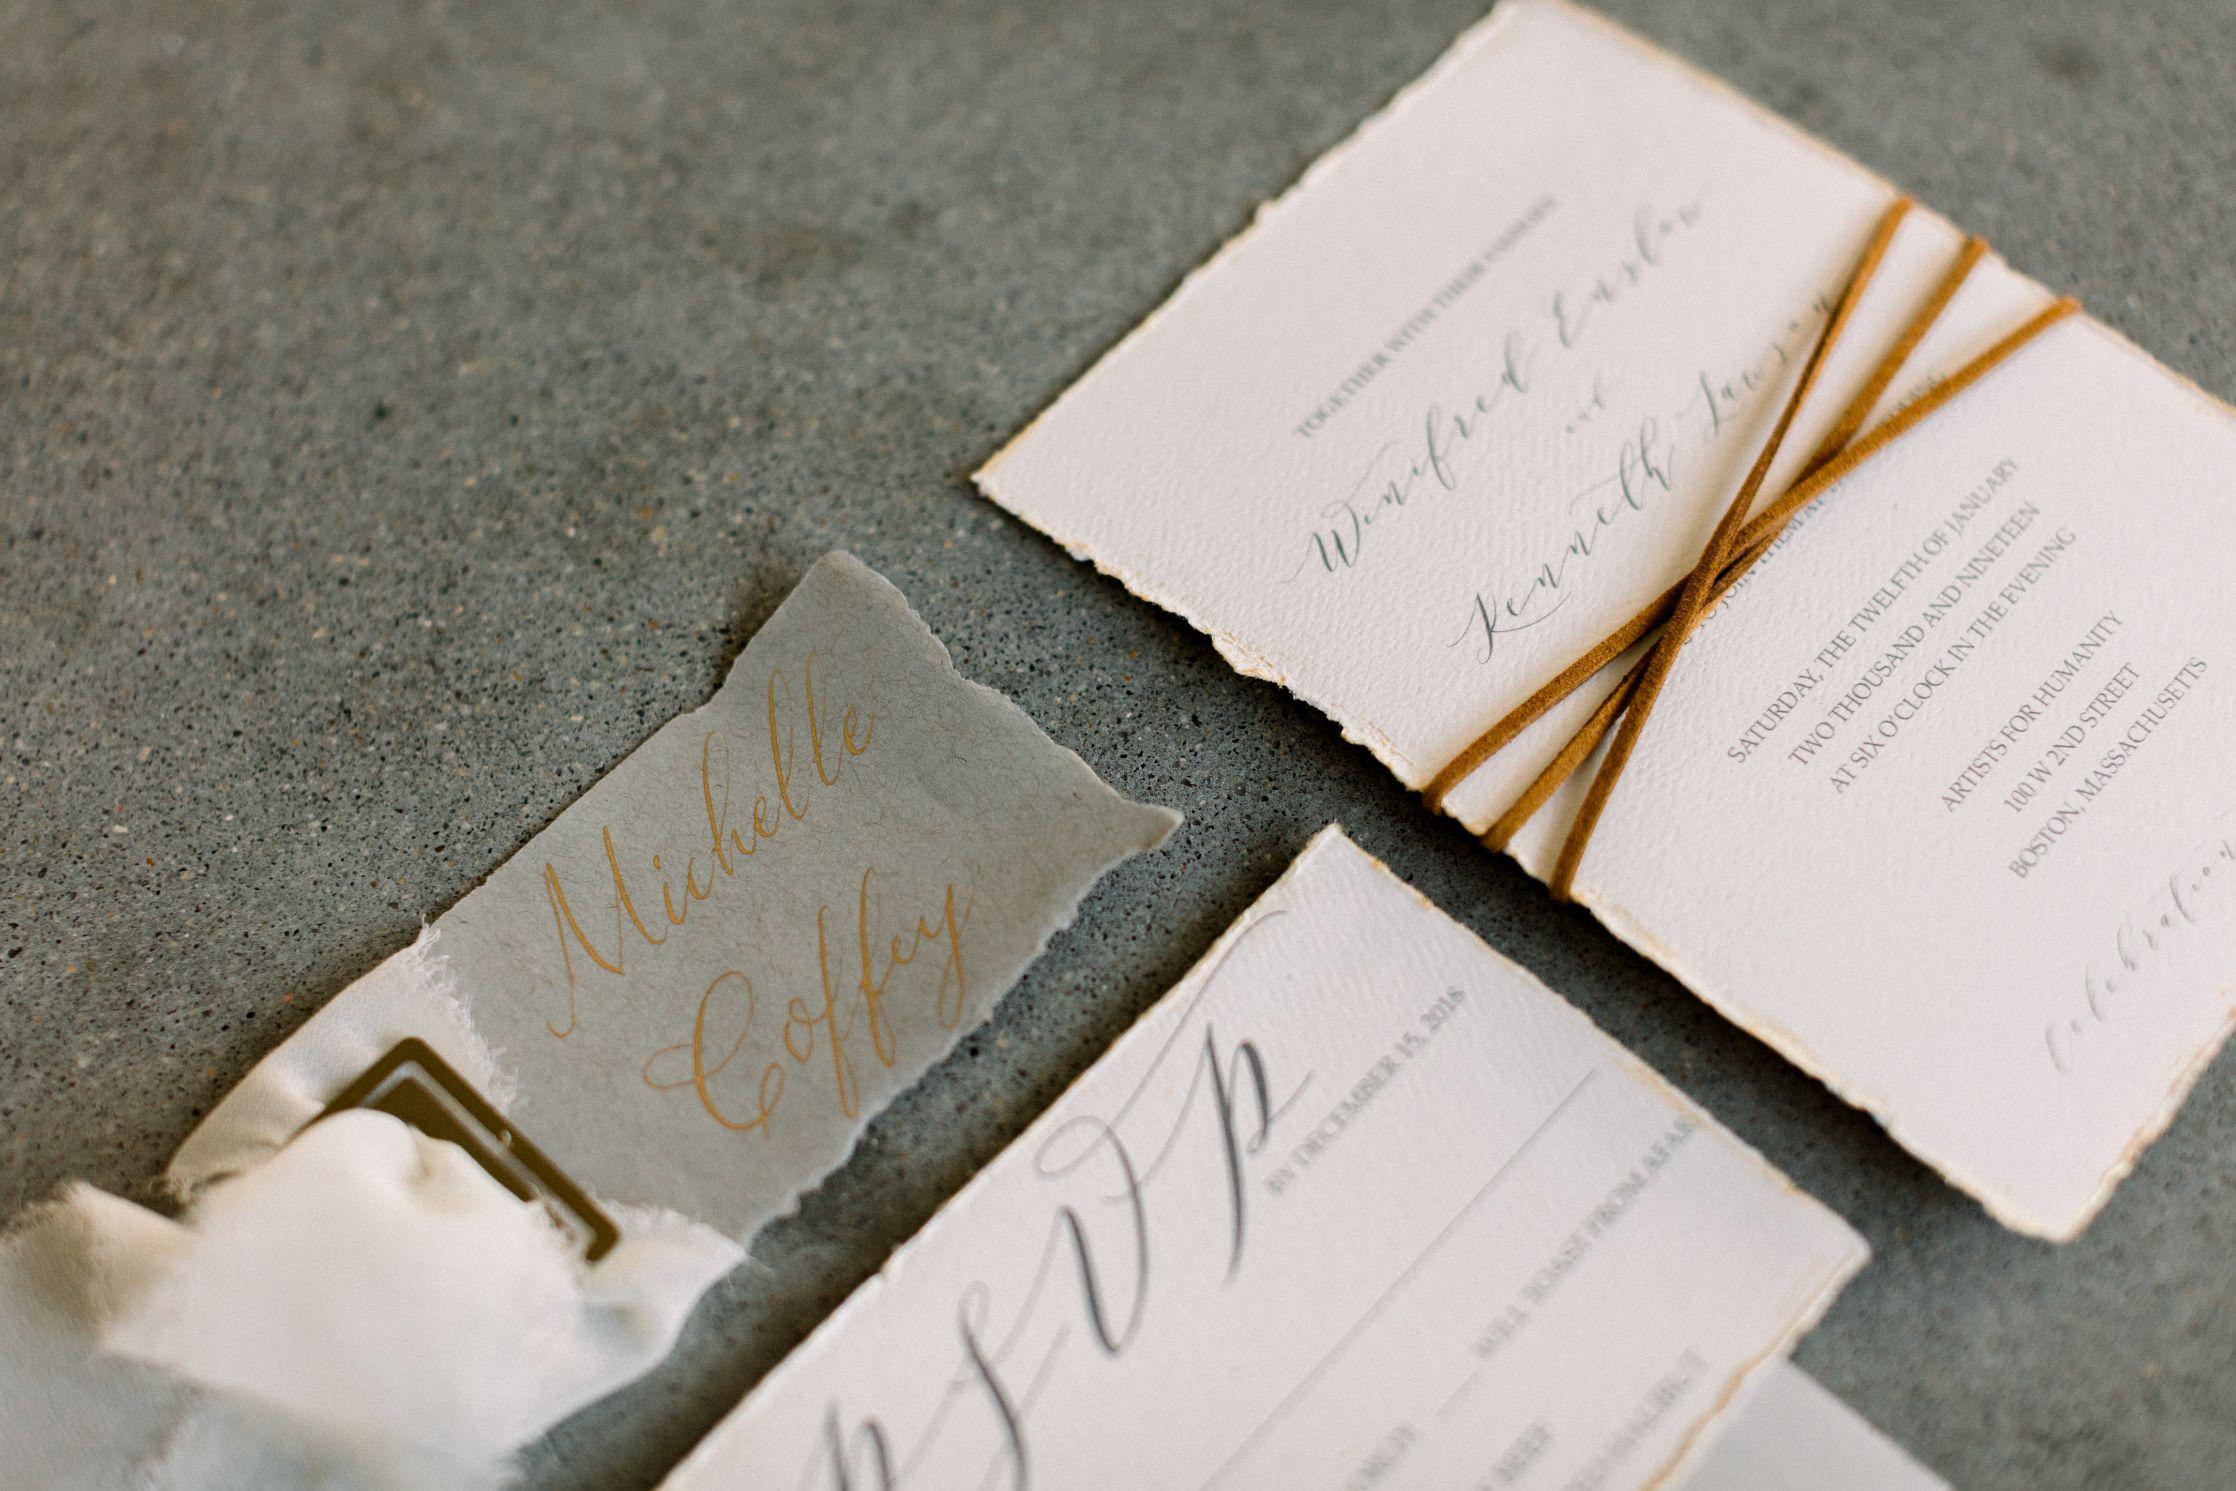 artists-for-humanity-industrial-bohemian-wedding-daylynn-designs29.jpg